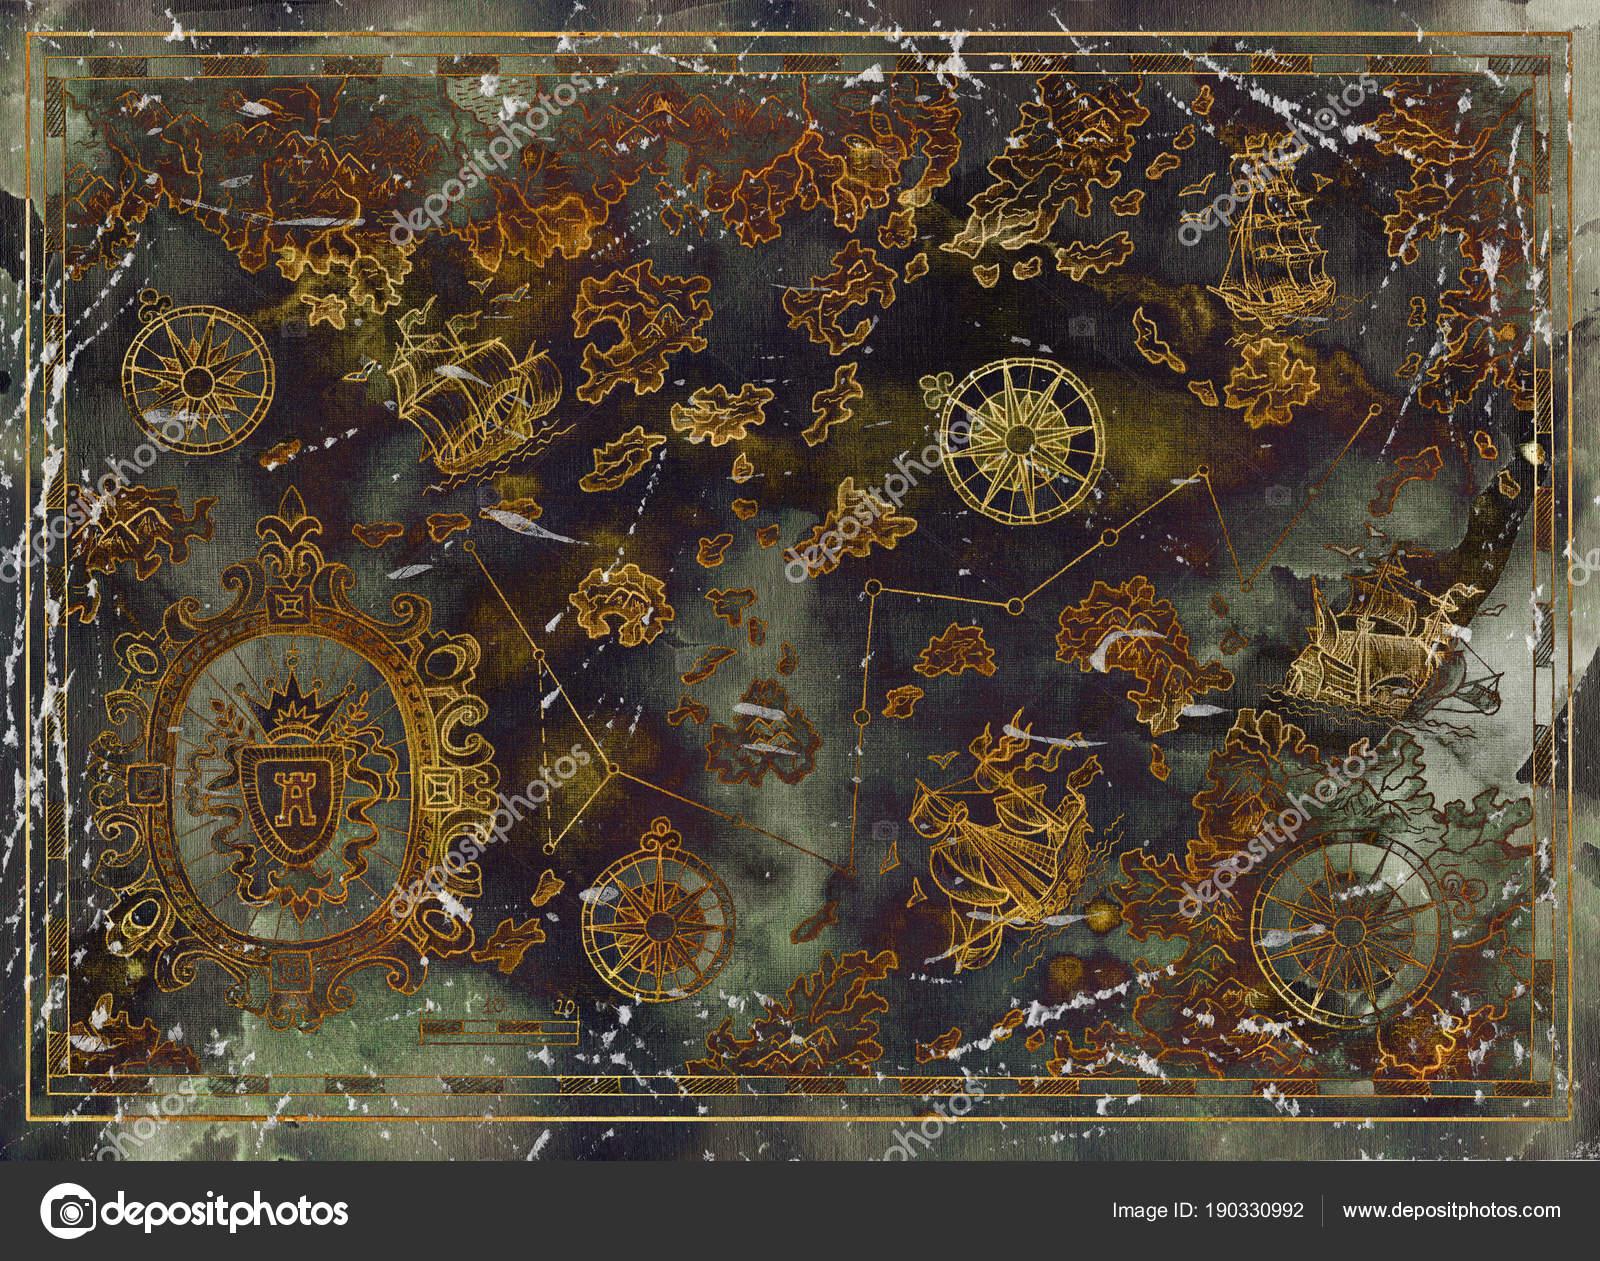 Imágenes Tesoros Piratas Hermoso Mapa Con Tesoros Piratas Viejos